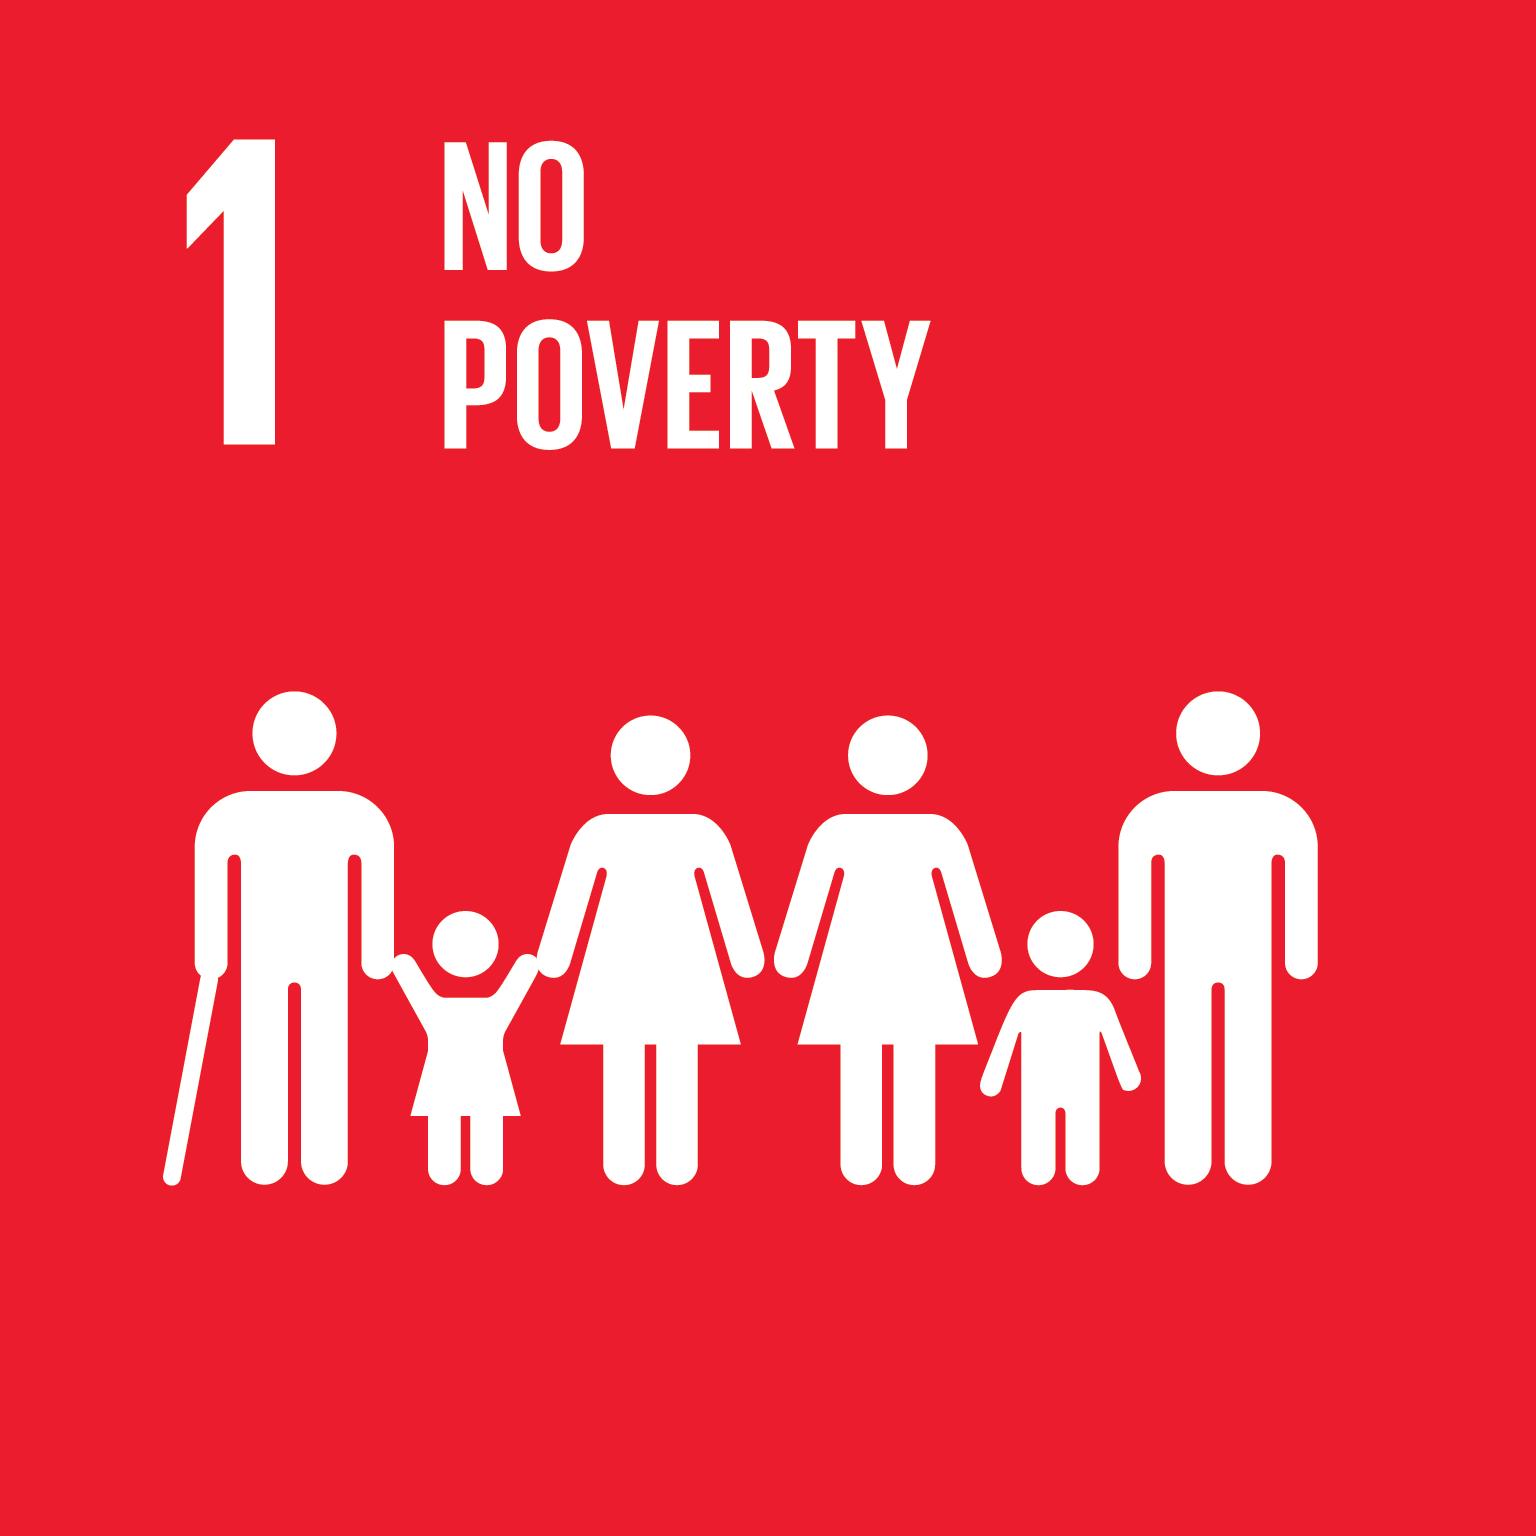 Kestävän kehityksen tavoite 1 no poverty logo